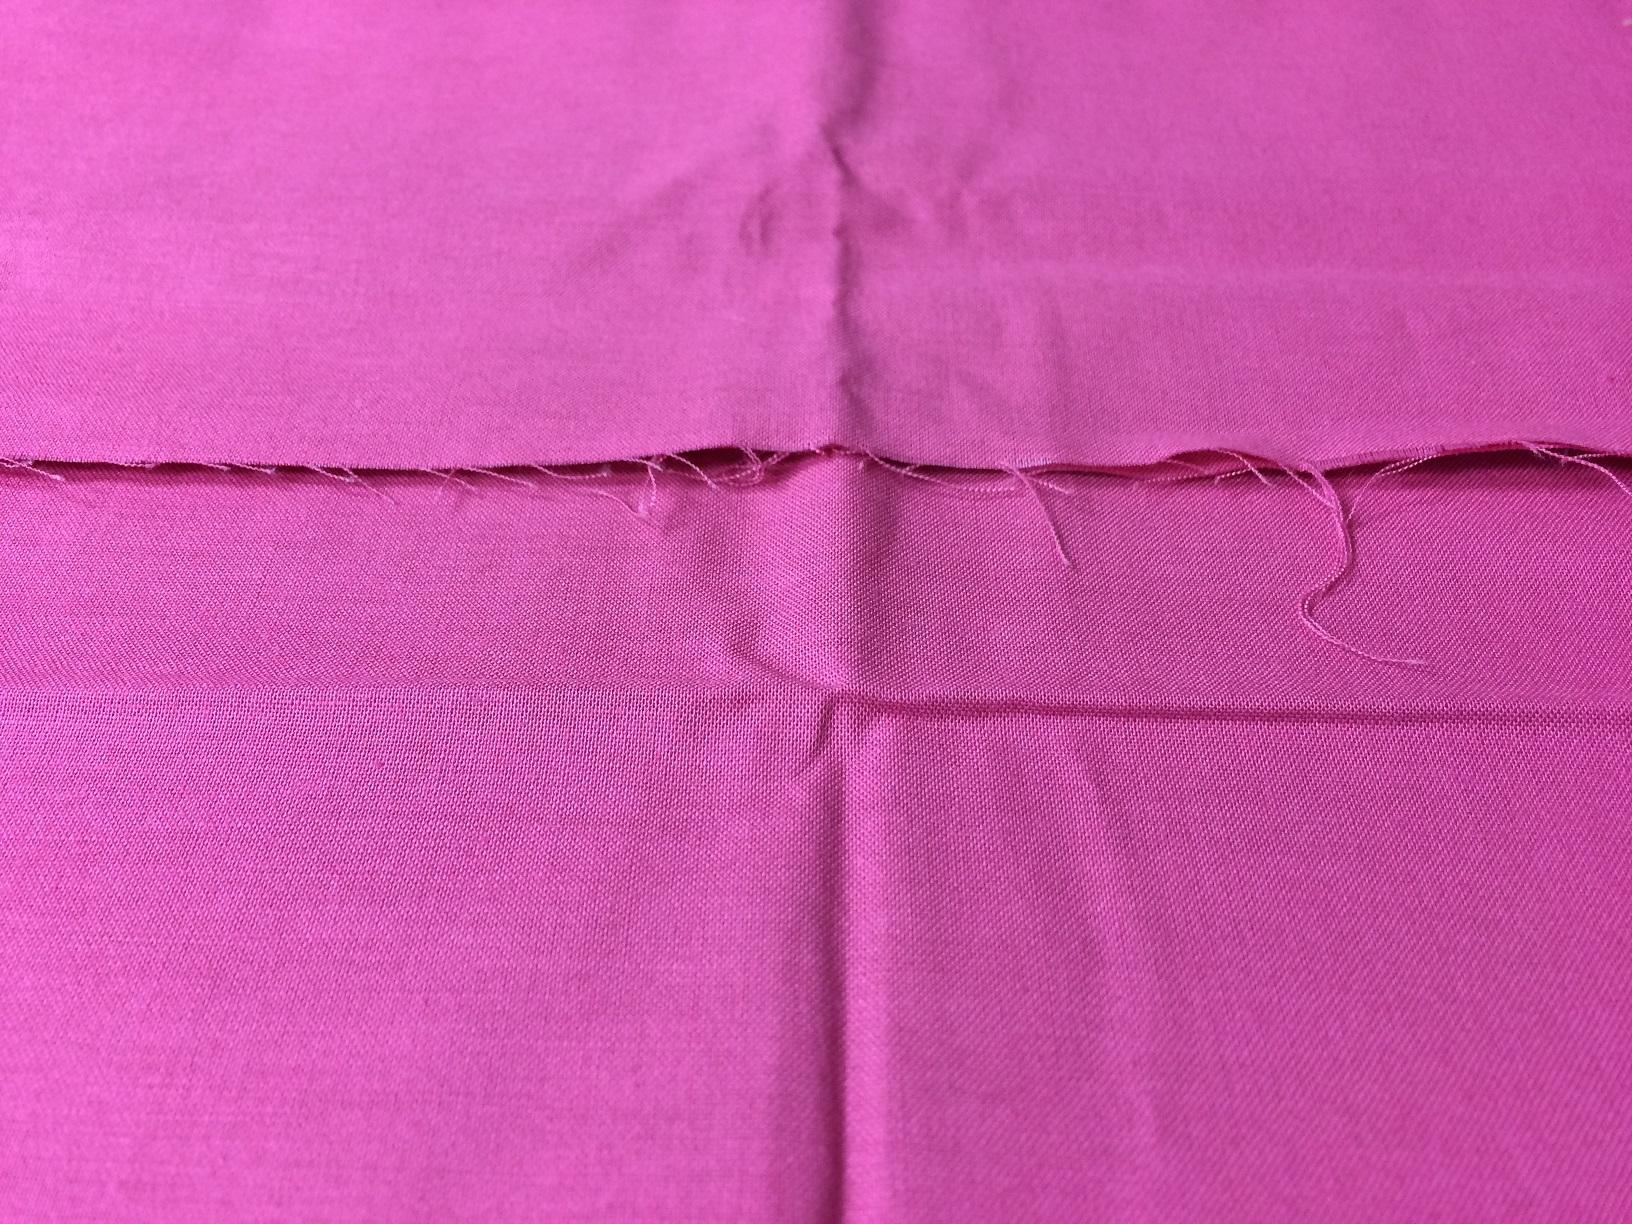 creased fabric yardage